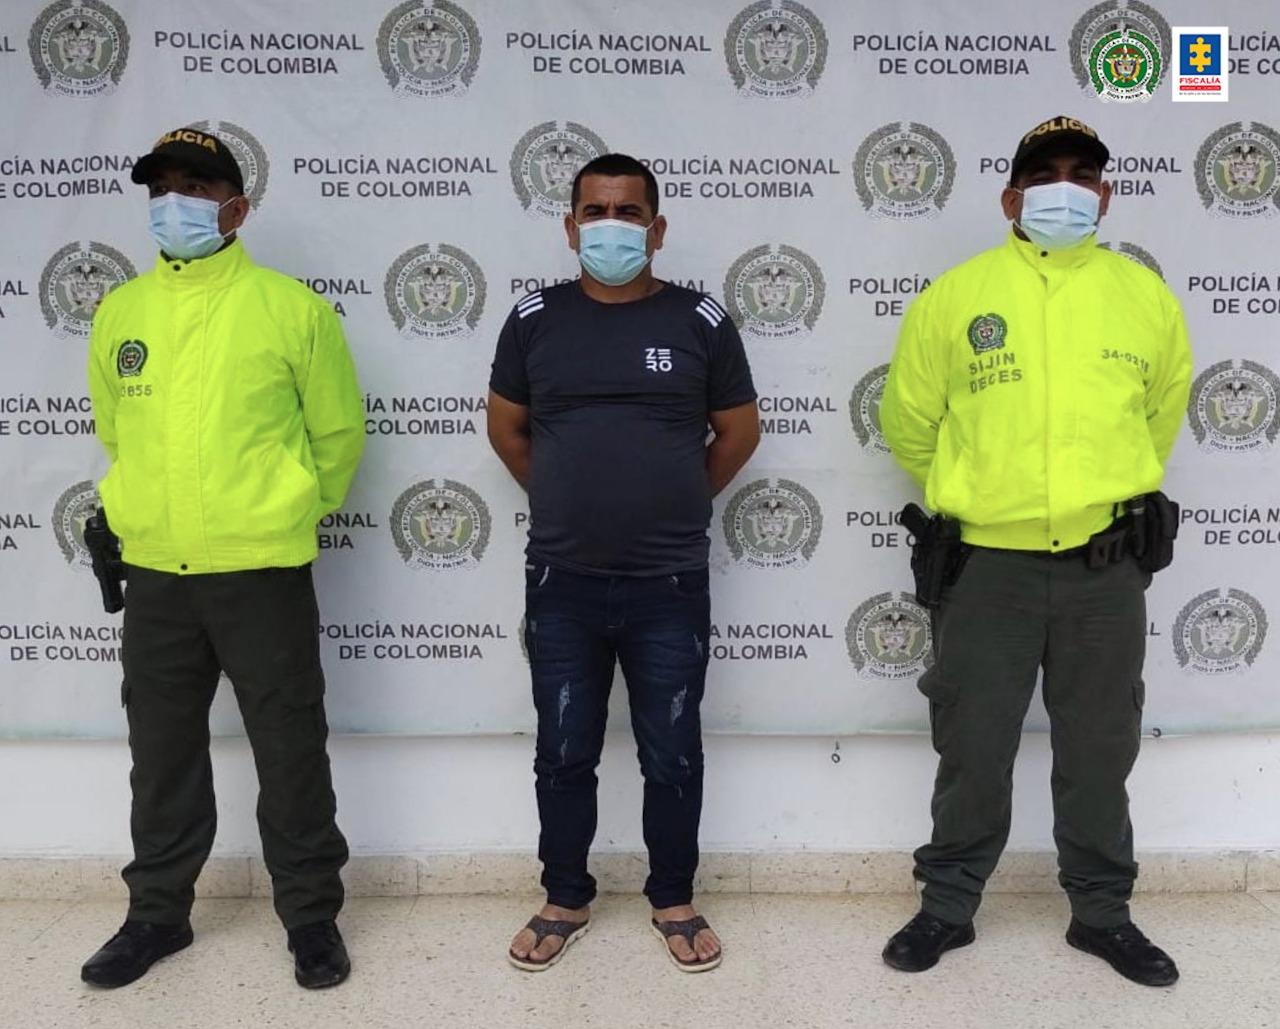 A la cárcel presunto responsable del homicidio de su compañera sentimental - Noticias de Colombia